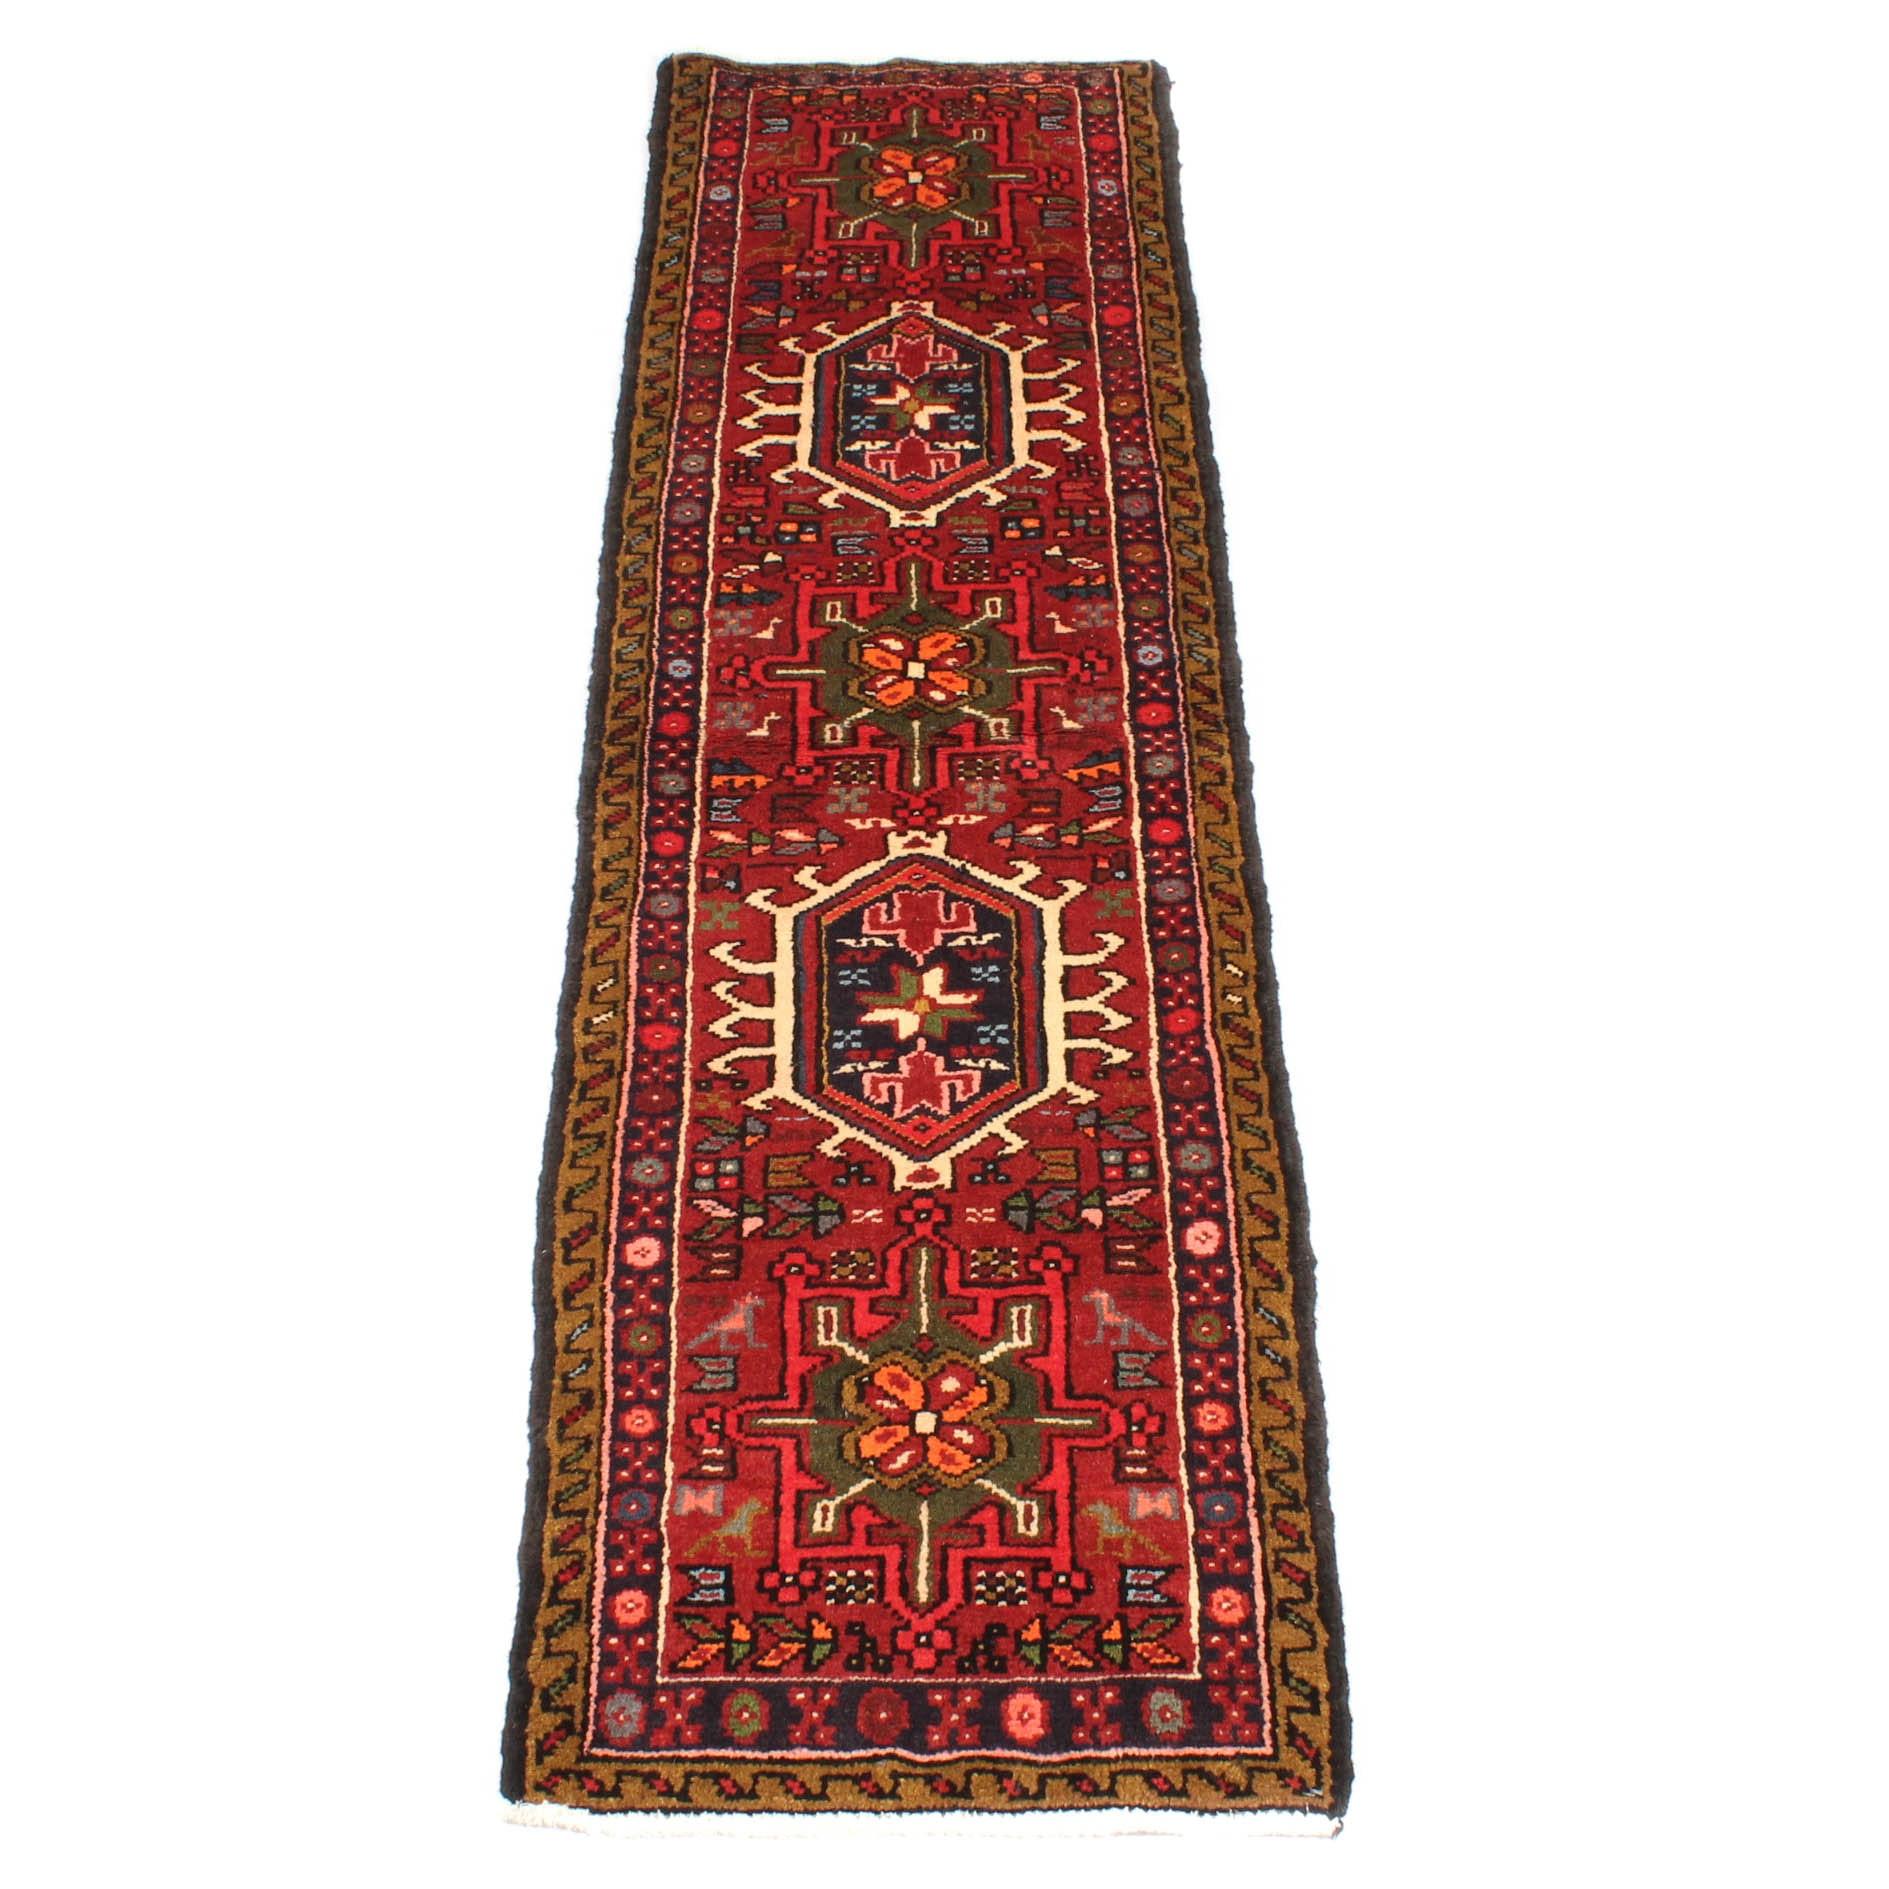 Hand-Knotted Persian Lamberan Carpet Runner